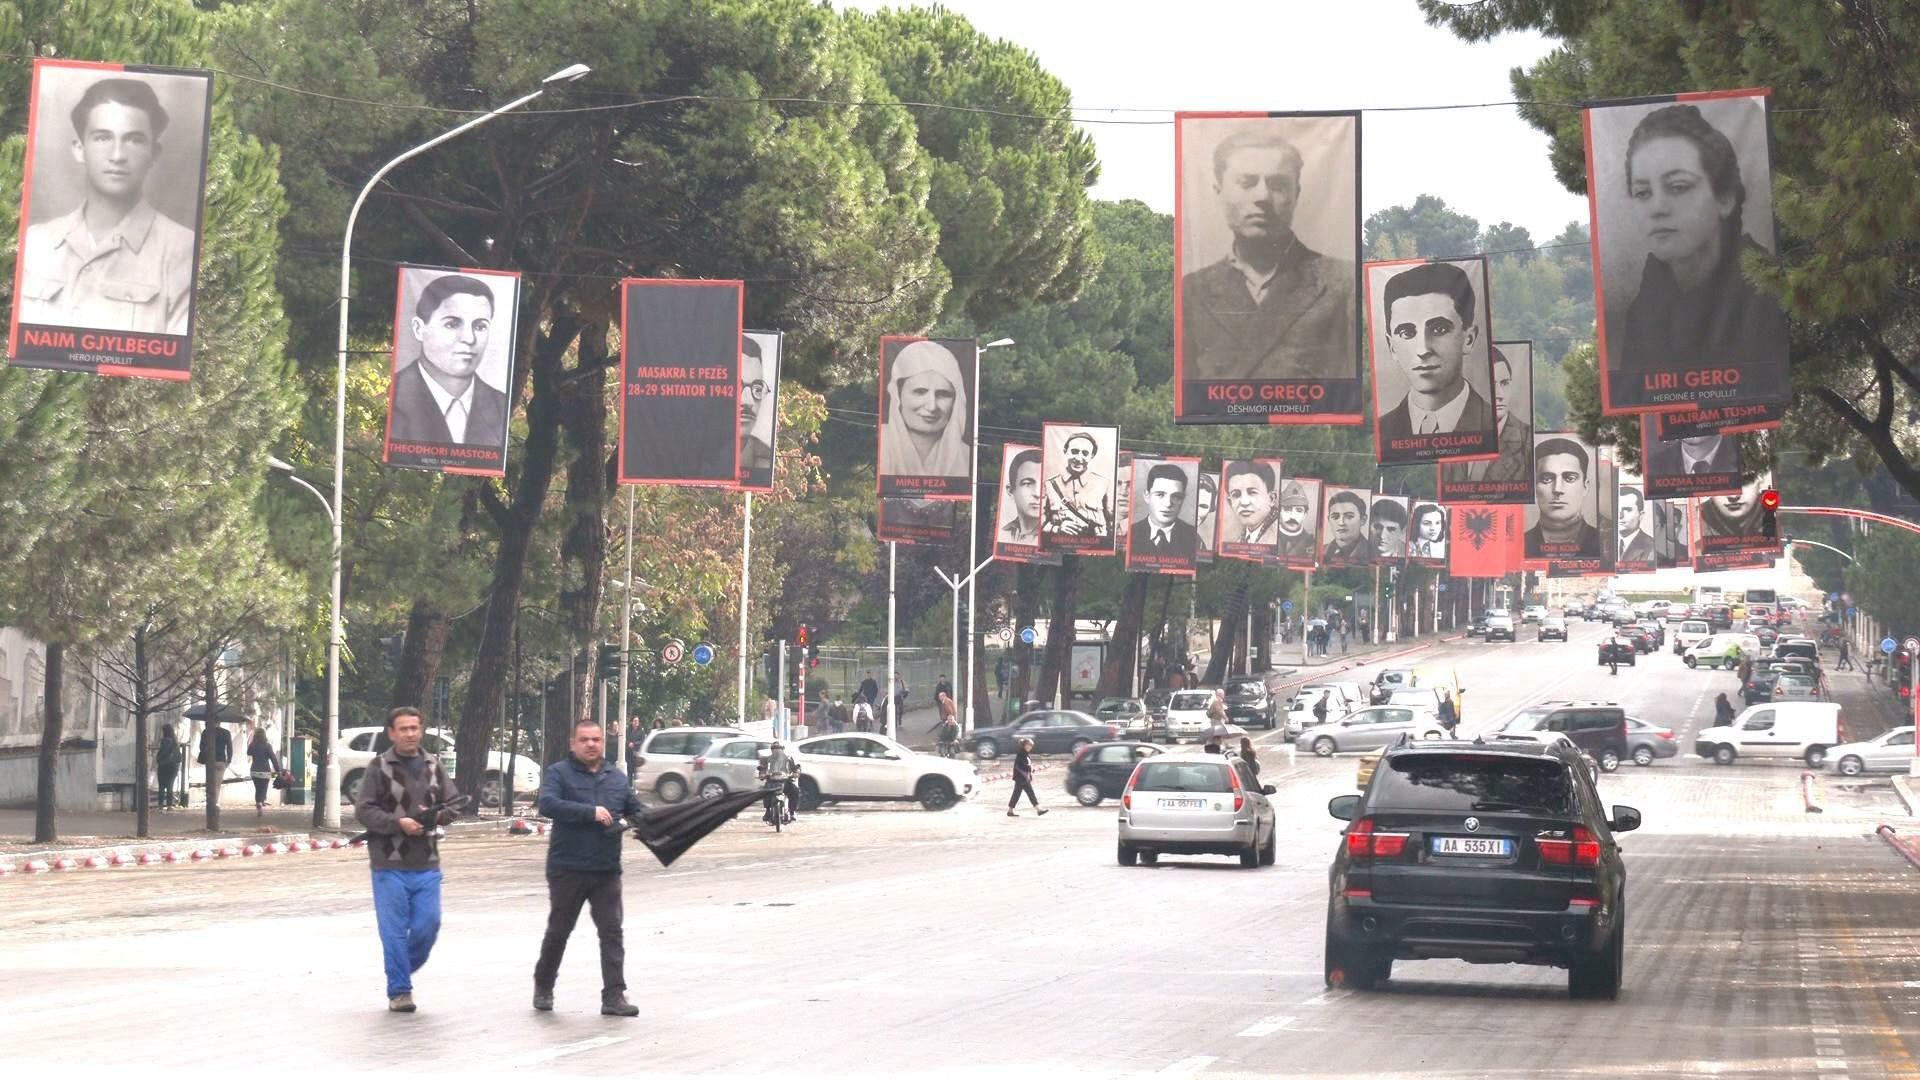 Debati për heronjtë, Tufa: Janë glorifikuar persona që i kanë shërbyer sigurimit të shtetit